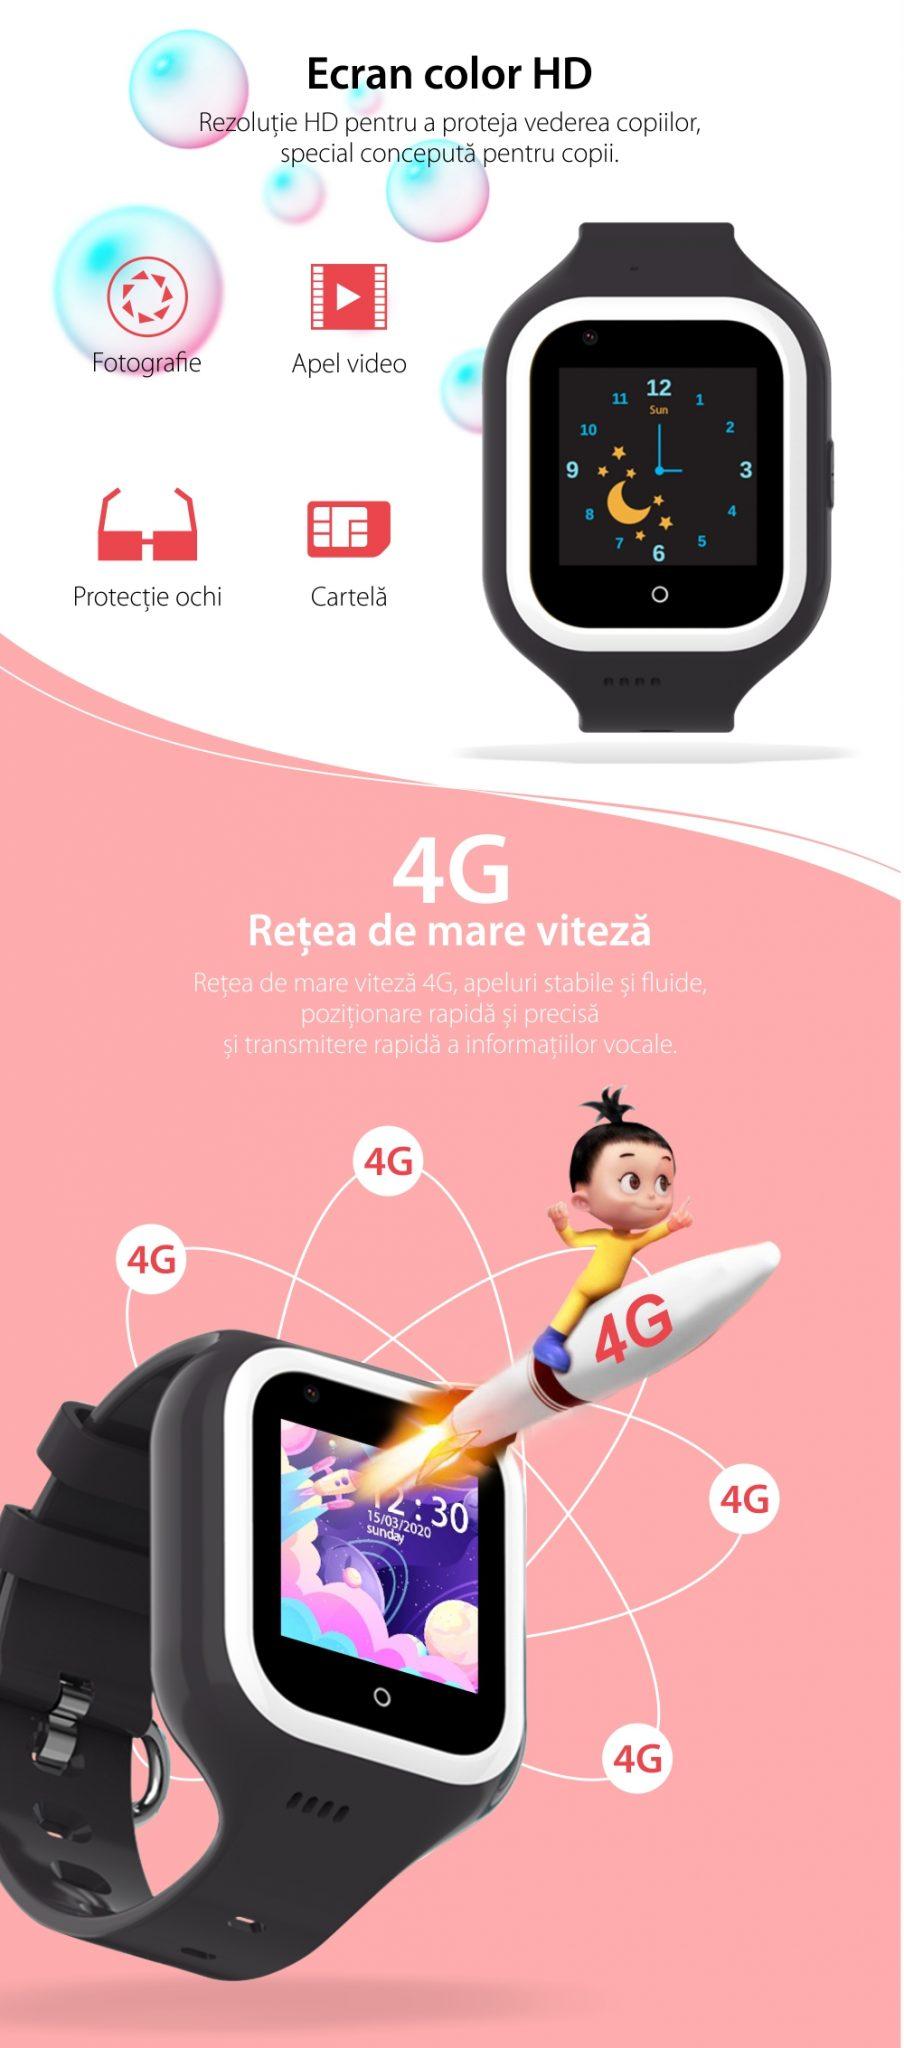 Ceas Smartwatch Pentru Copii, Wonlex KT21, Roz, SIM card, 4G, Rezistent la apa IP54, Apel video